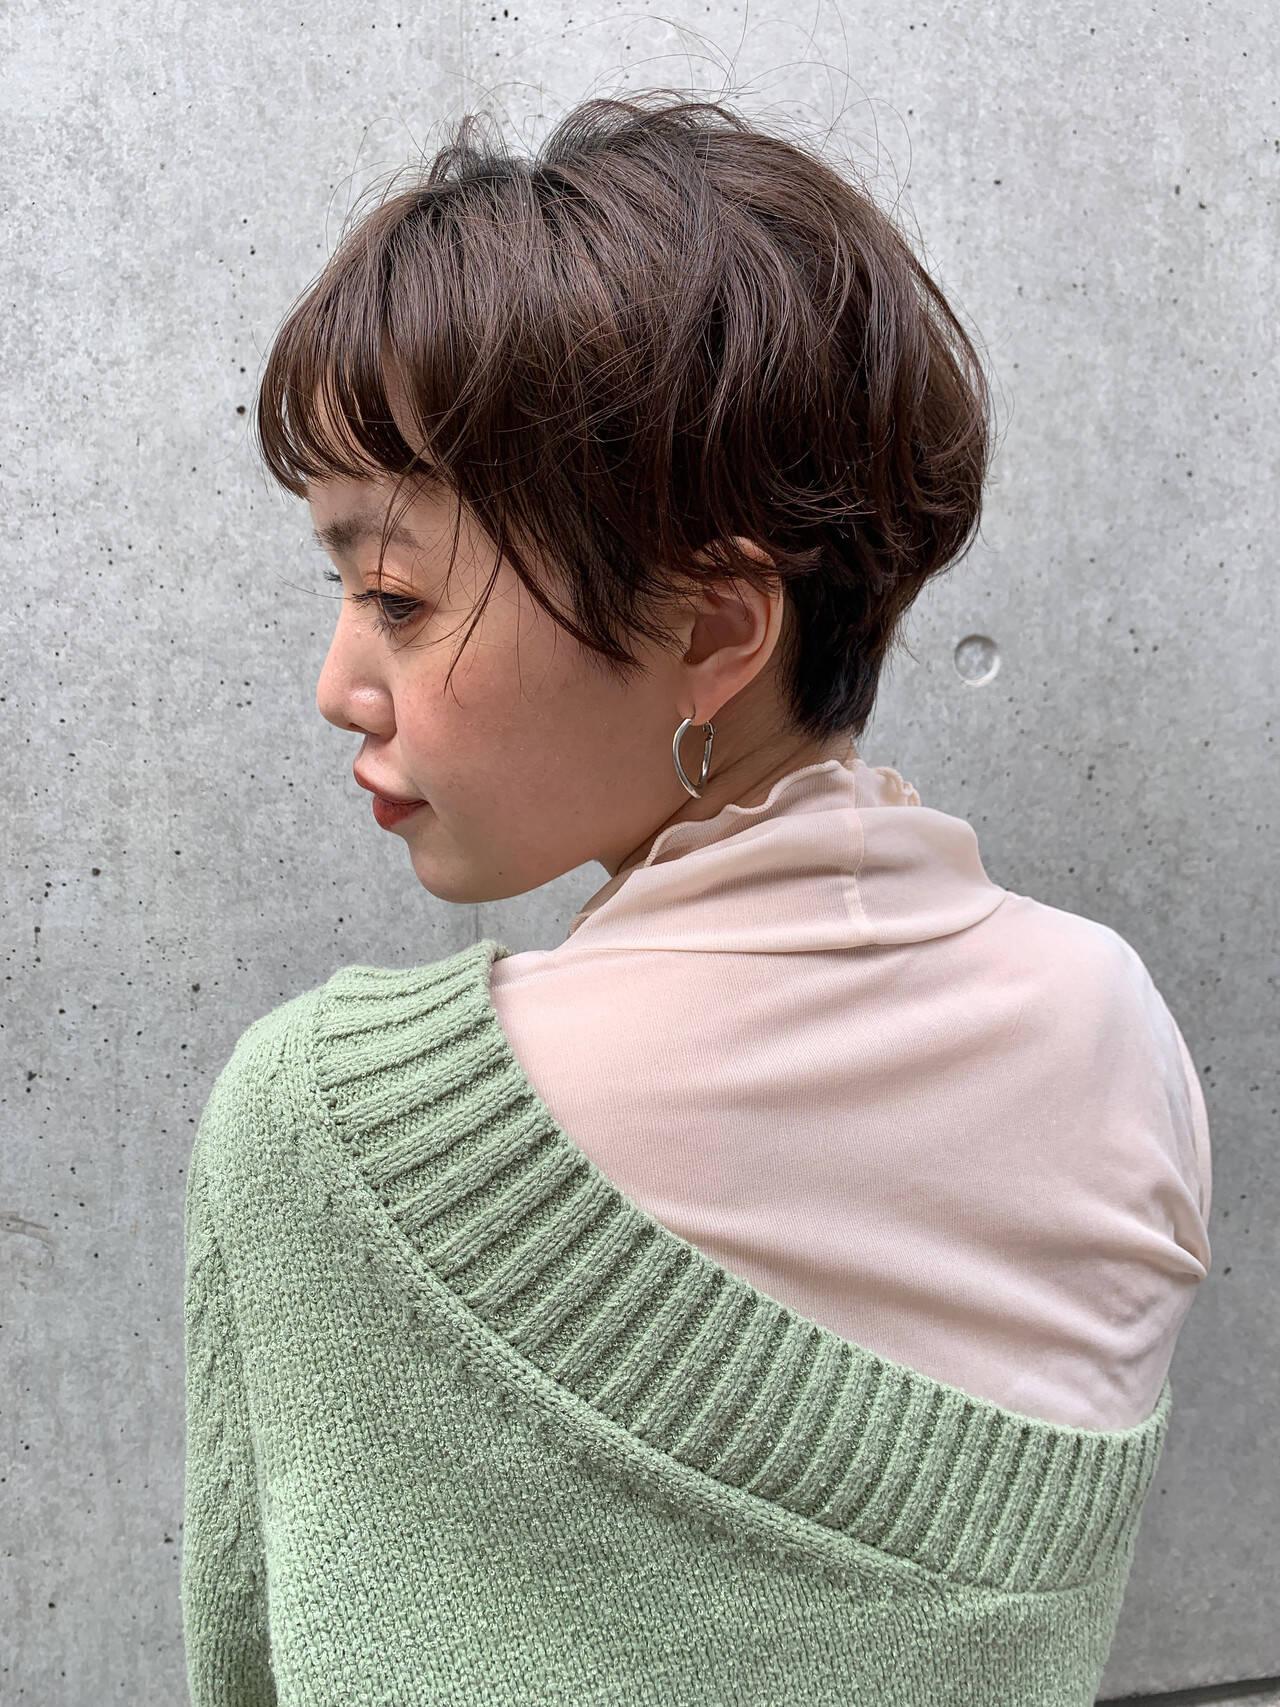 ショートヘア ショートボブ ナチュラル パーマヘアスタイルや髪型の写真・画像